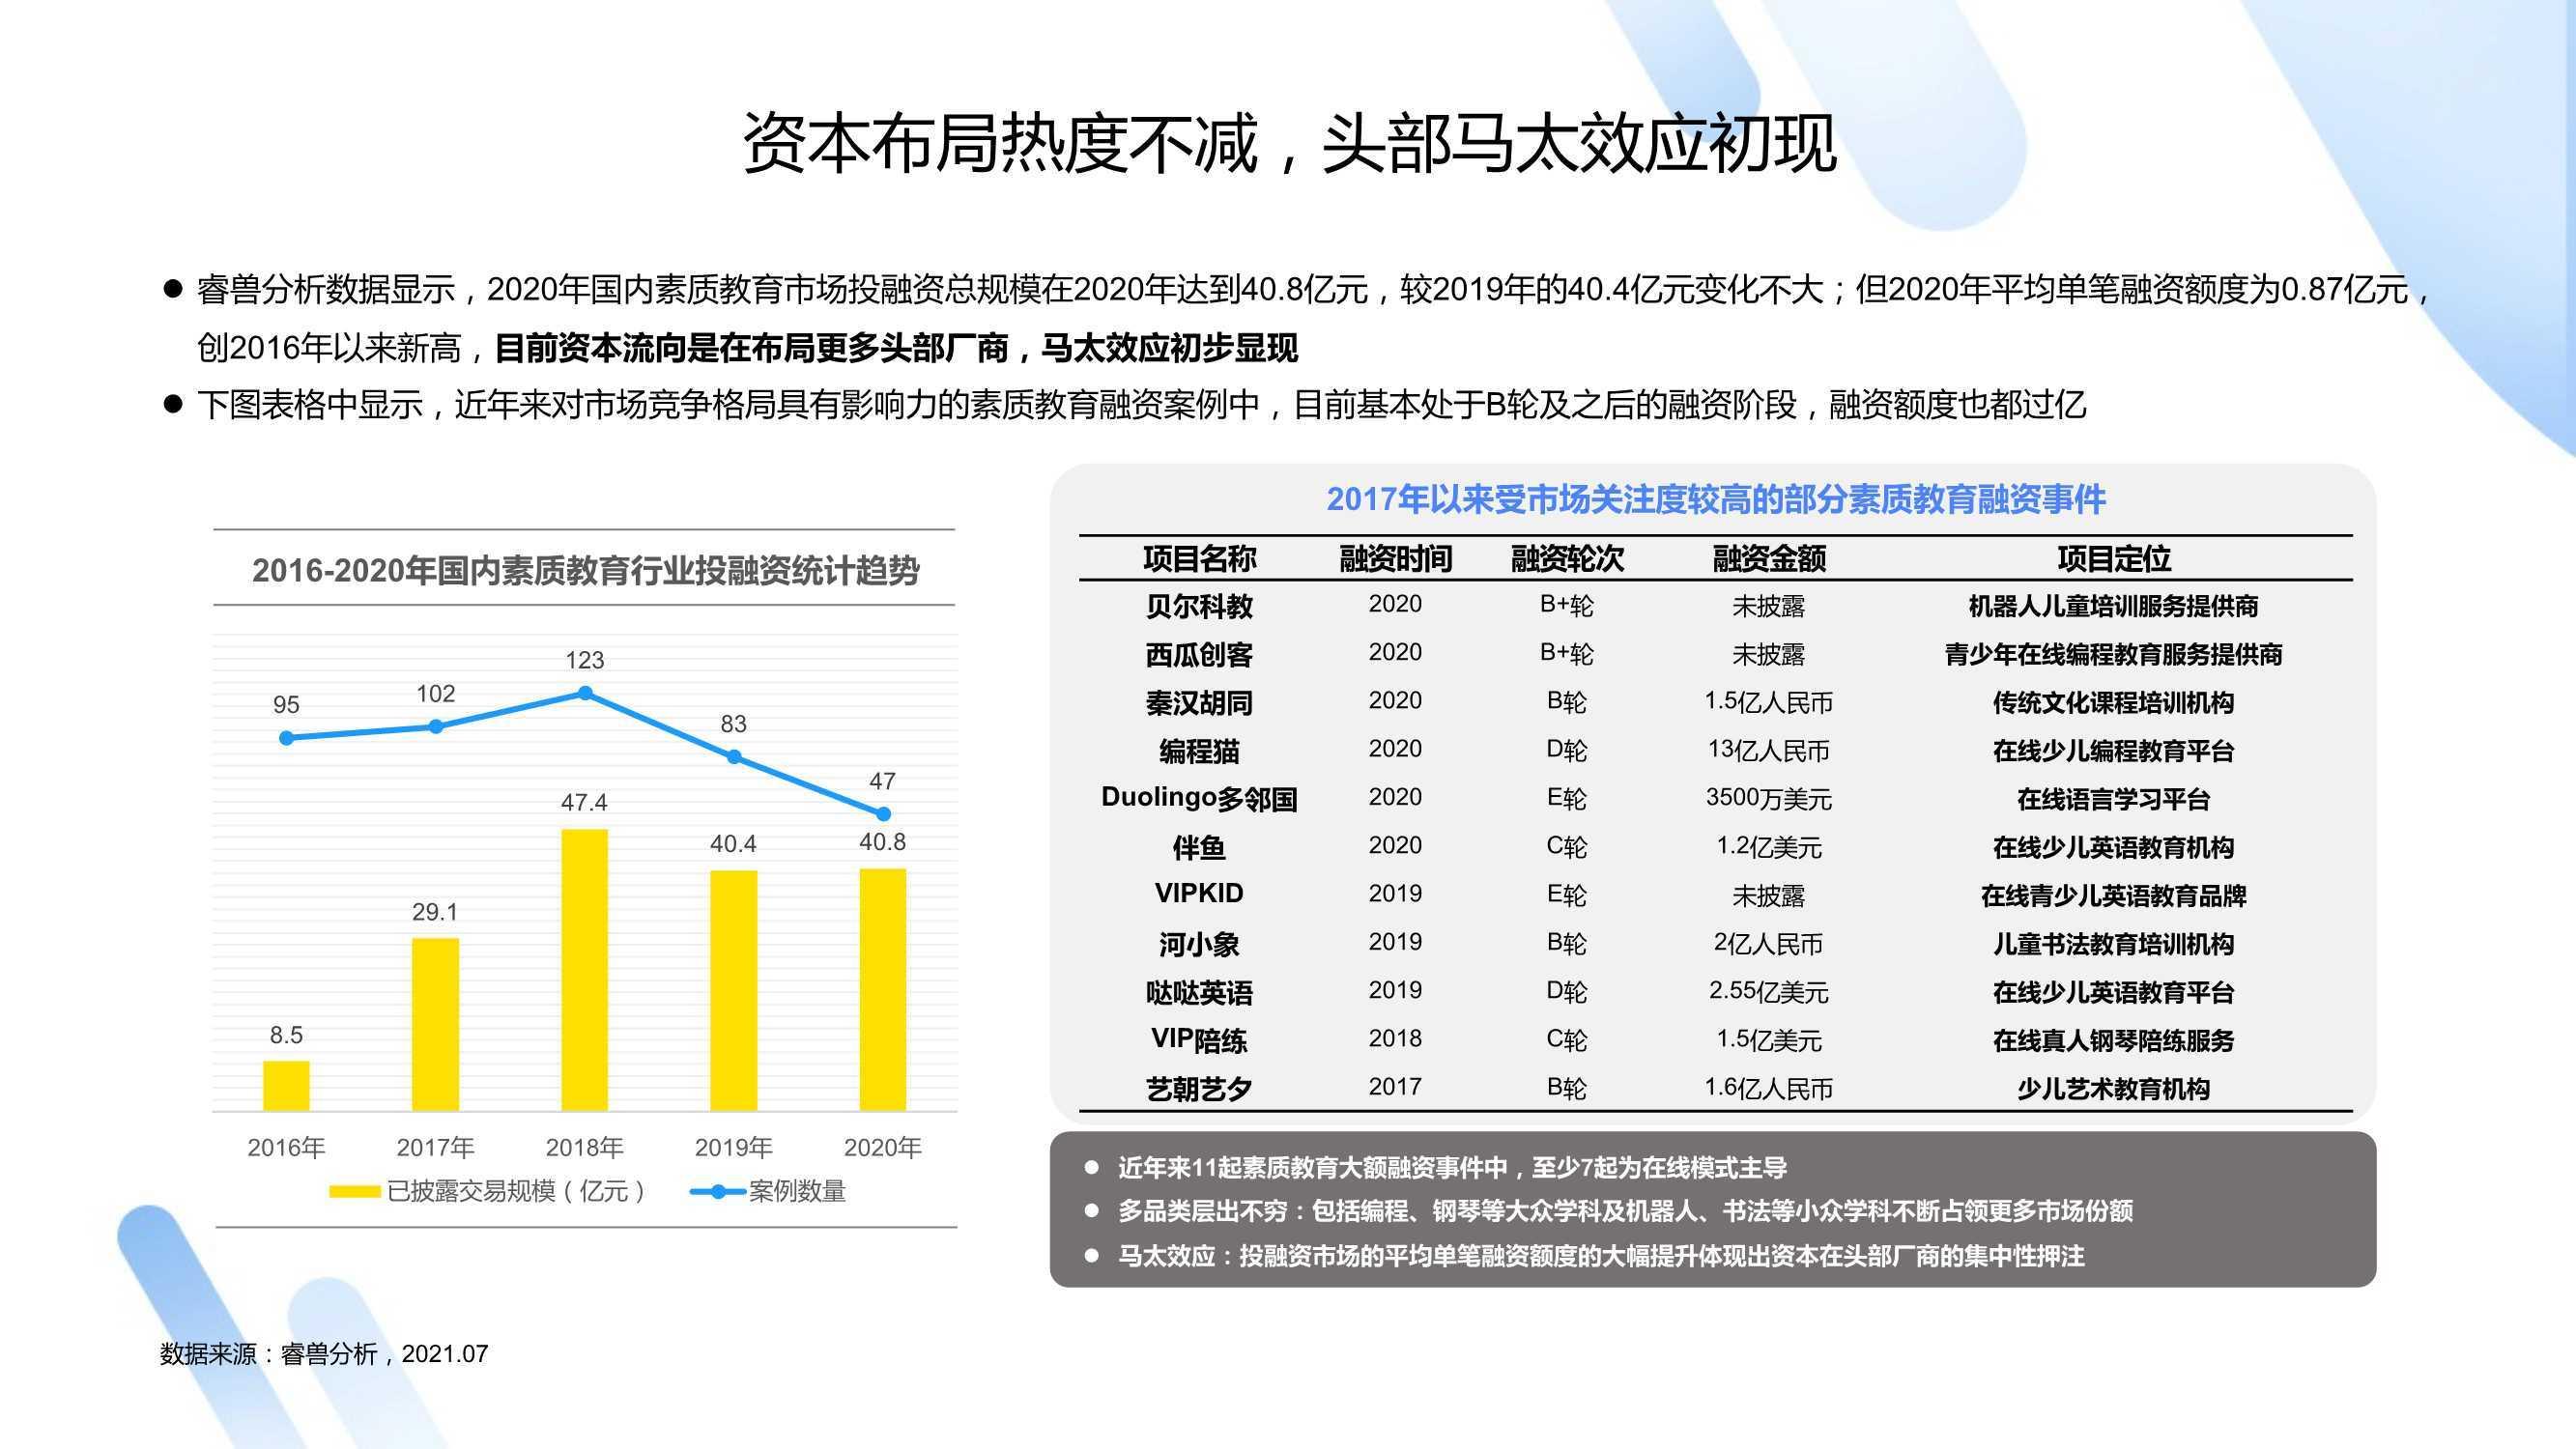 大数据分析报告,巨量算数&创业邦-2021中国素质教育行业趋势洞察报告!